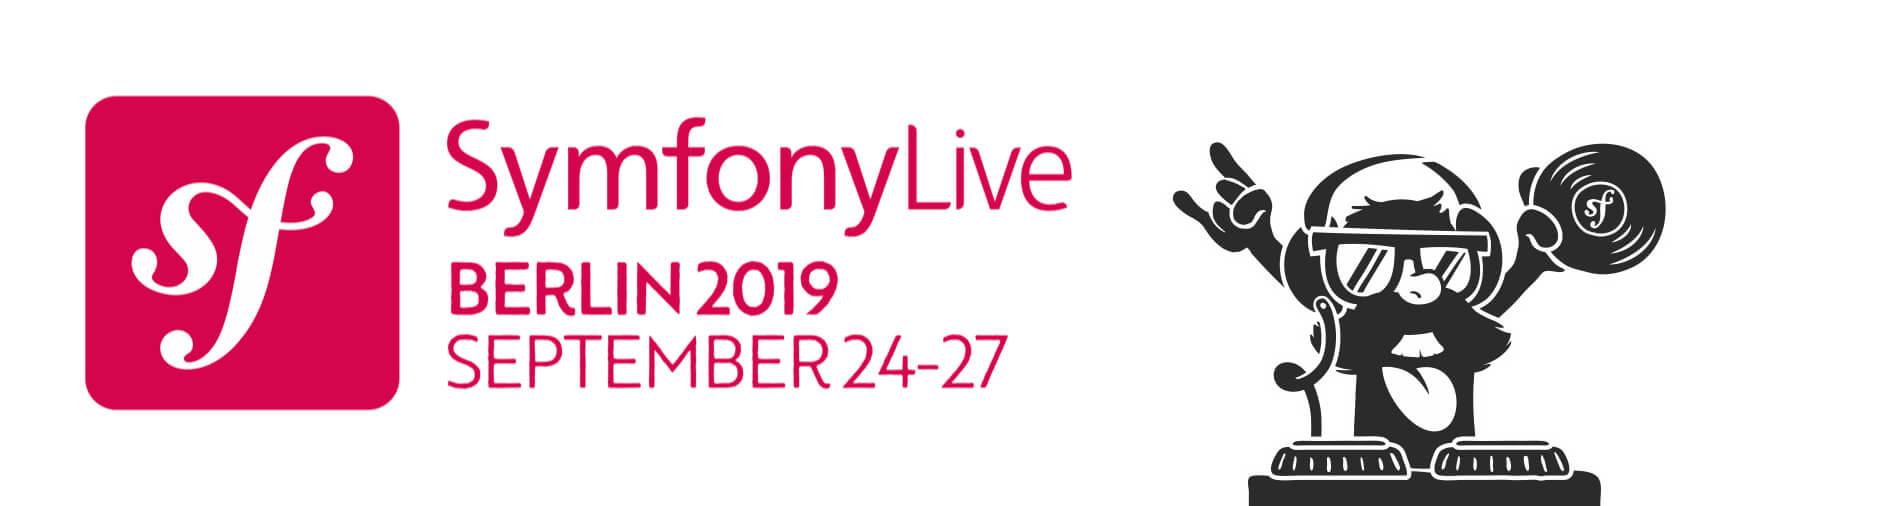 Symfony Live 2019